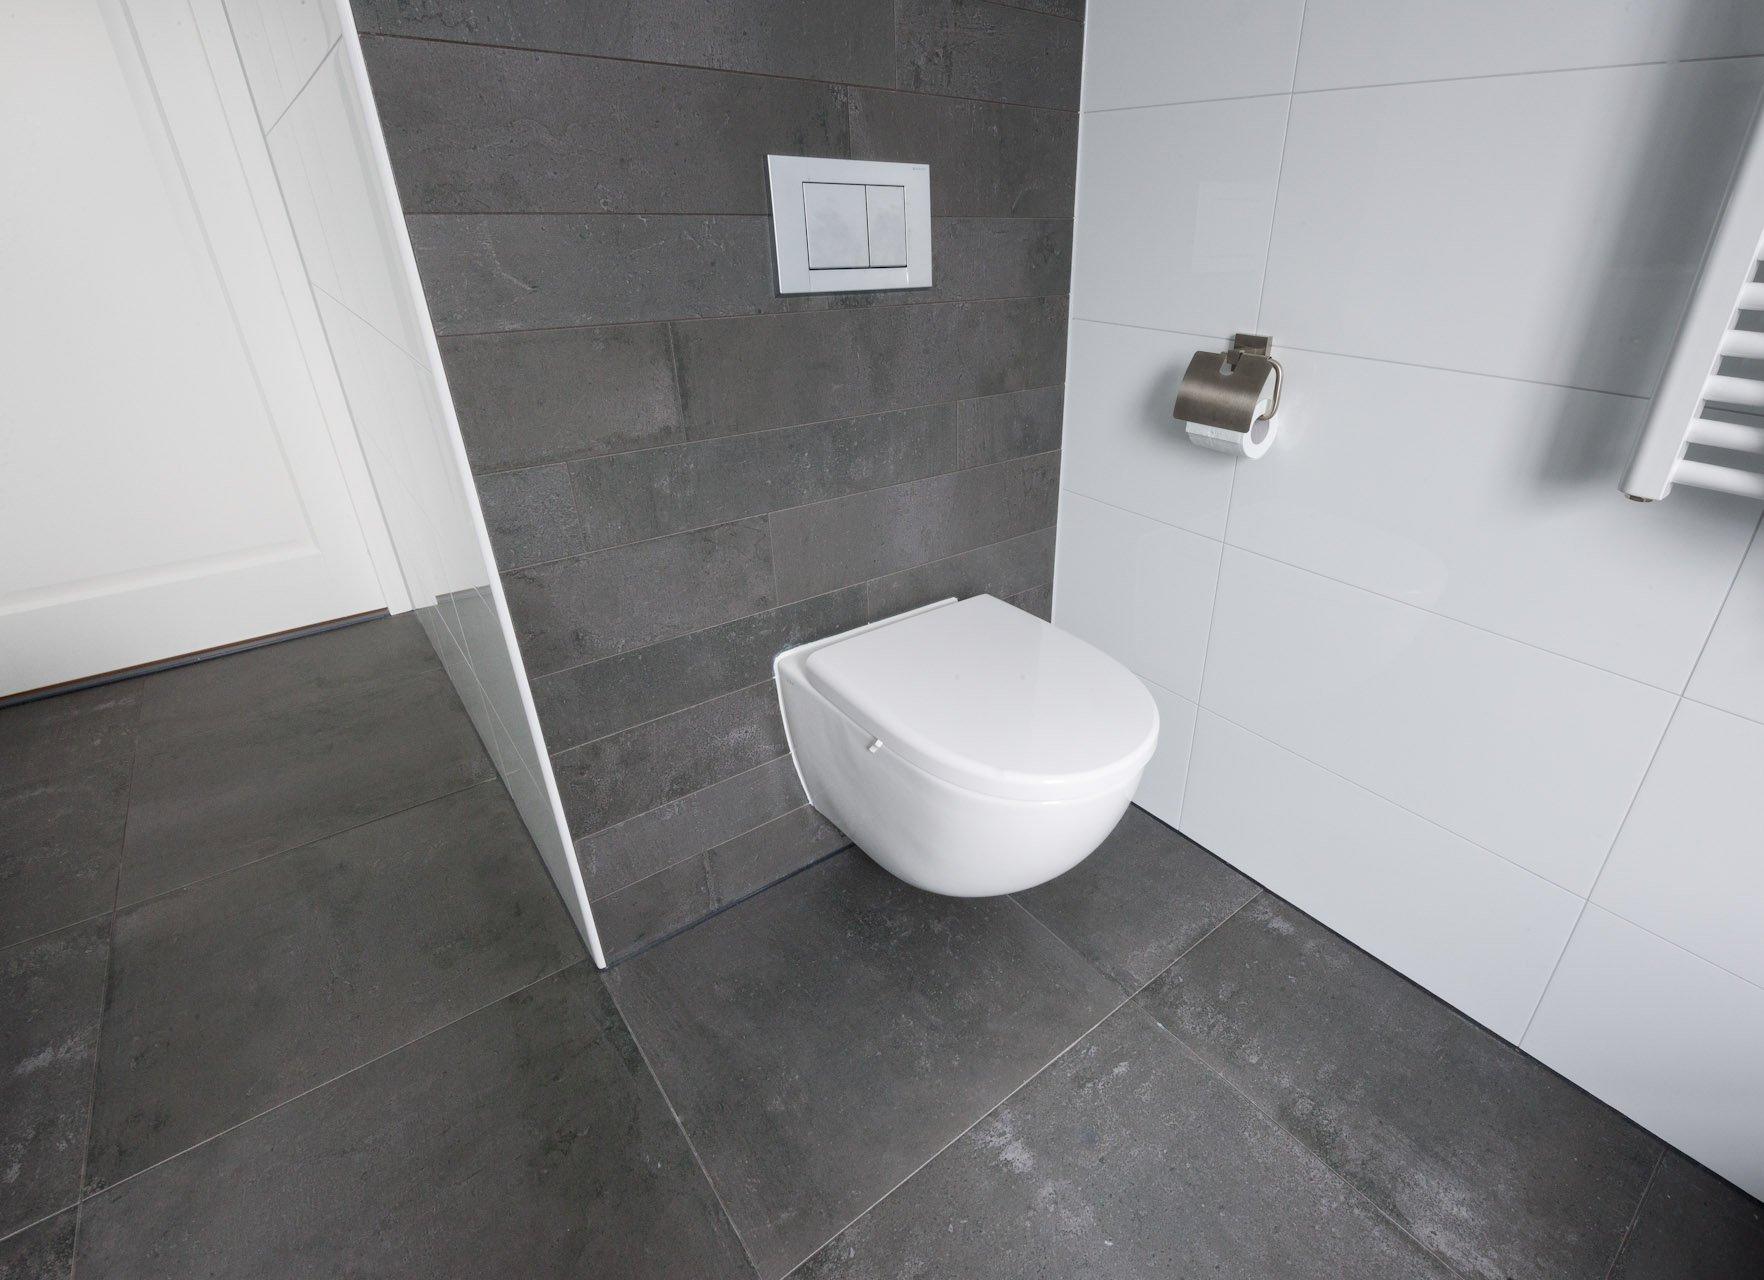 Badkamer Tegels Grijs : Badkamertegels kroon vloeren in steen